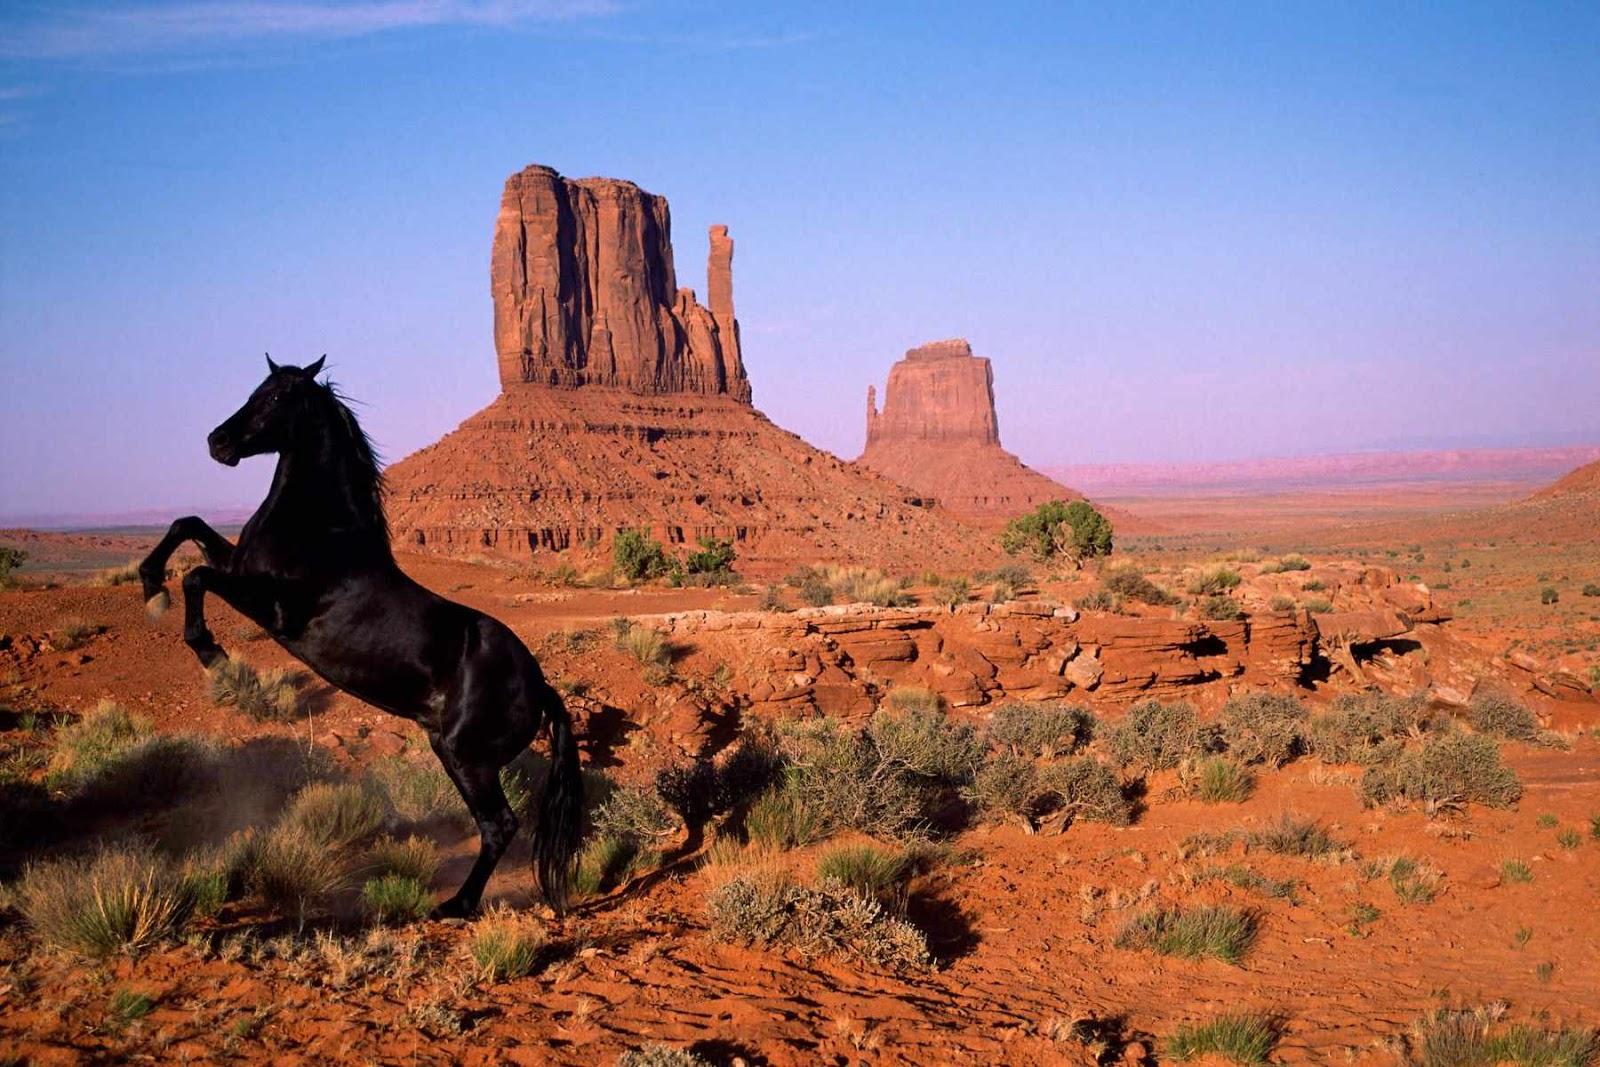 http://2.bp.blogspot.com/-tDkDzE1Qg98/T3ATd9DiGJI/AAAAAAAALAc/1LzpeMUV8Cc/s1600/caballos,zoomgraf.blogspot+%2815%29.jpg